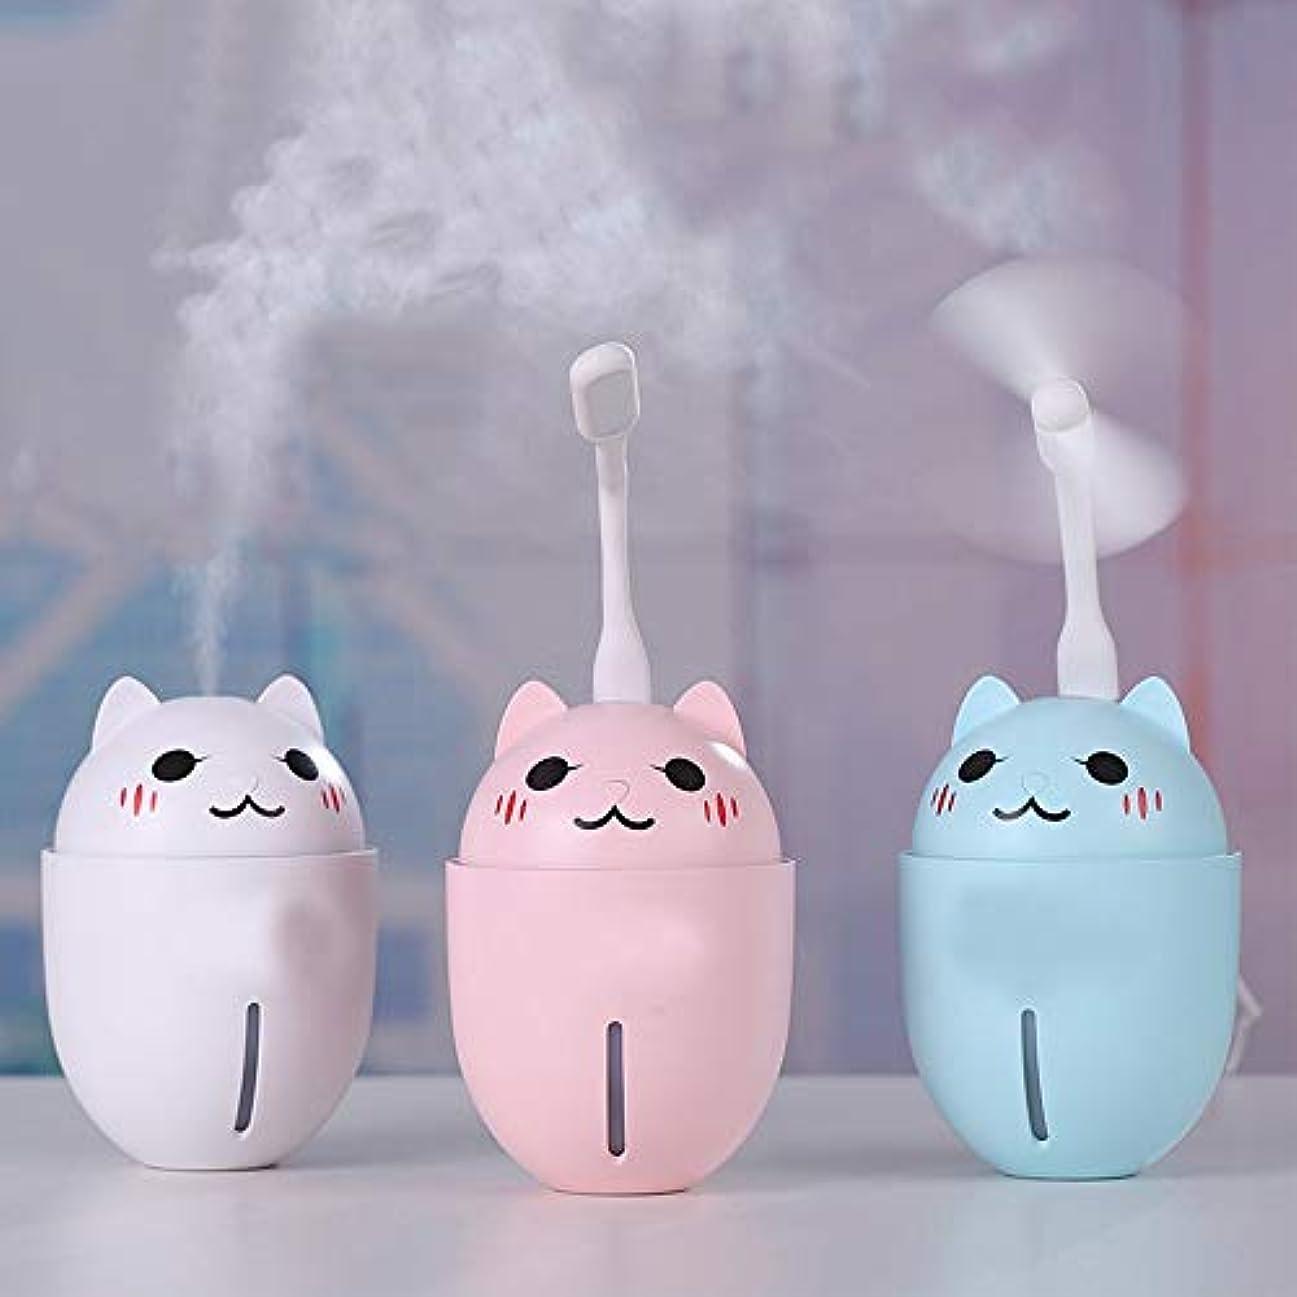 湿ったワーディアンケースアラビア語ZXF 新しいクリエイティブかわいいペット猫加湿器家庭用電化製品3つ1つでミニusb水道メーターファンナイトライトブルーピンクホワイト 滑らかである (色 : Pink)